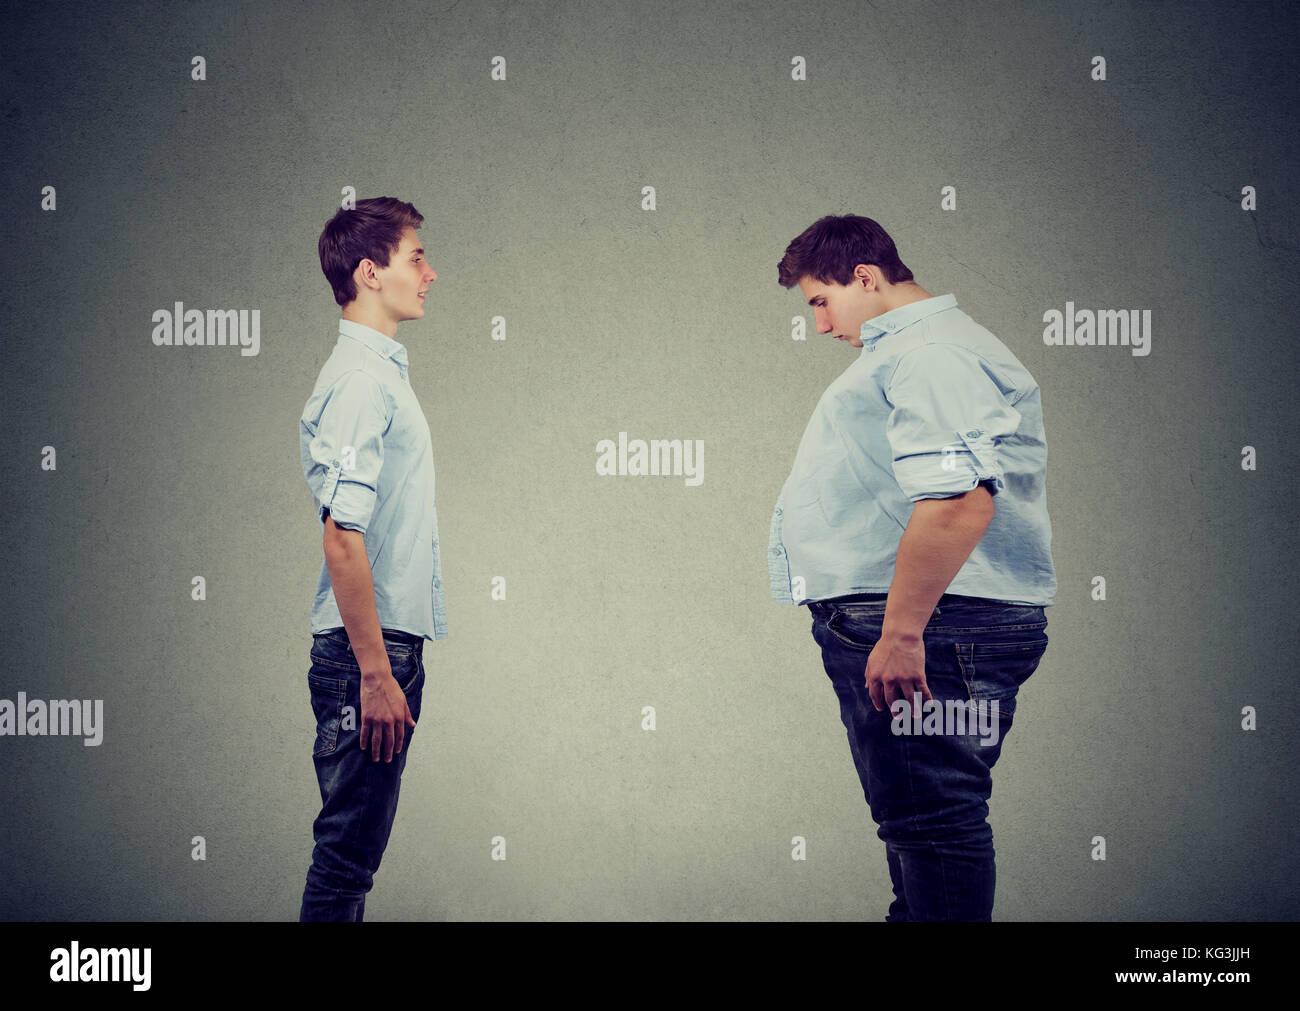 Giovani slim fit uomo guardando il grasso stesso. La dieta scelta giusta nutrizione uno stile di vita sano concetto Immagini Stock